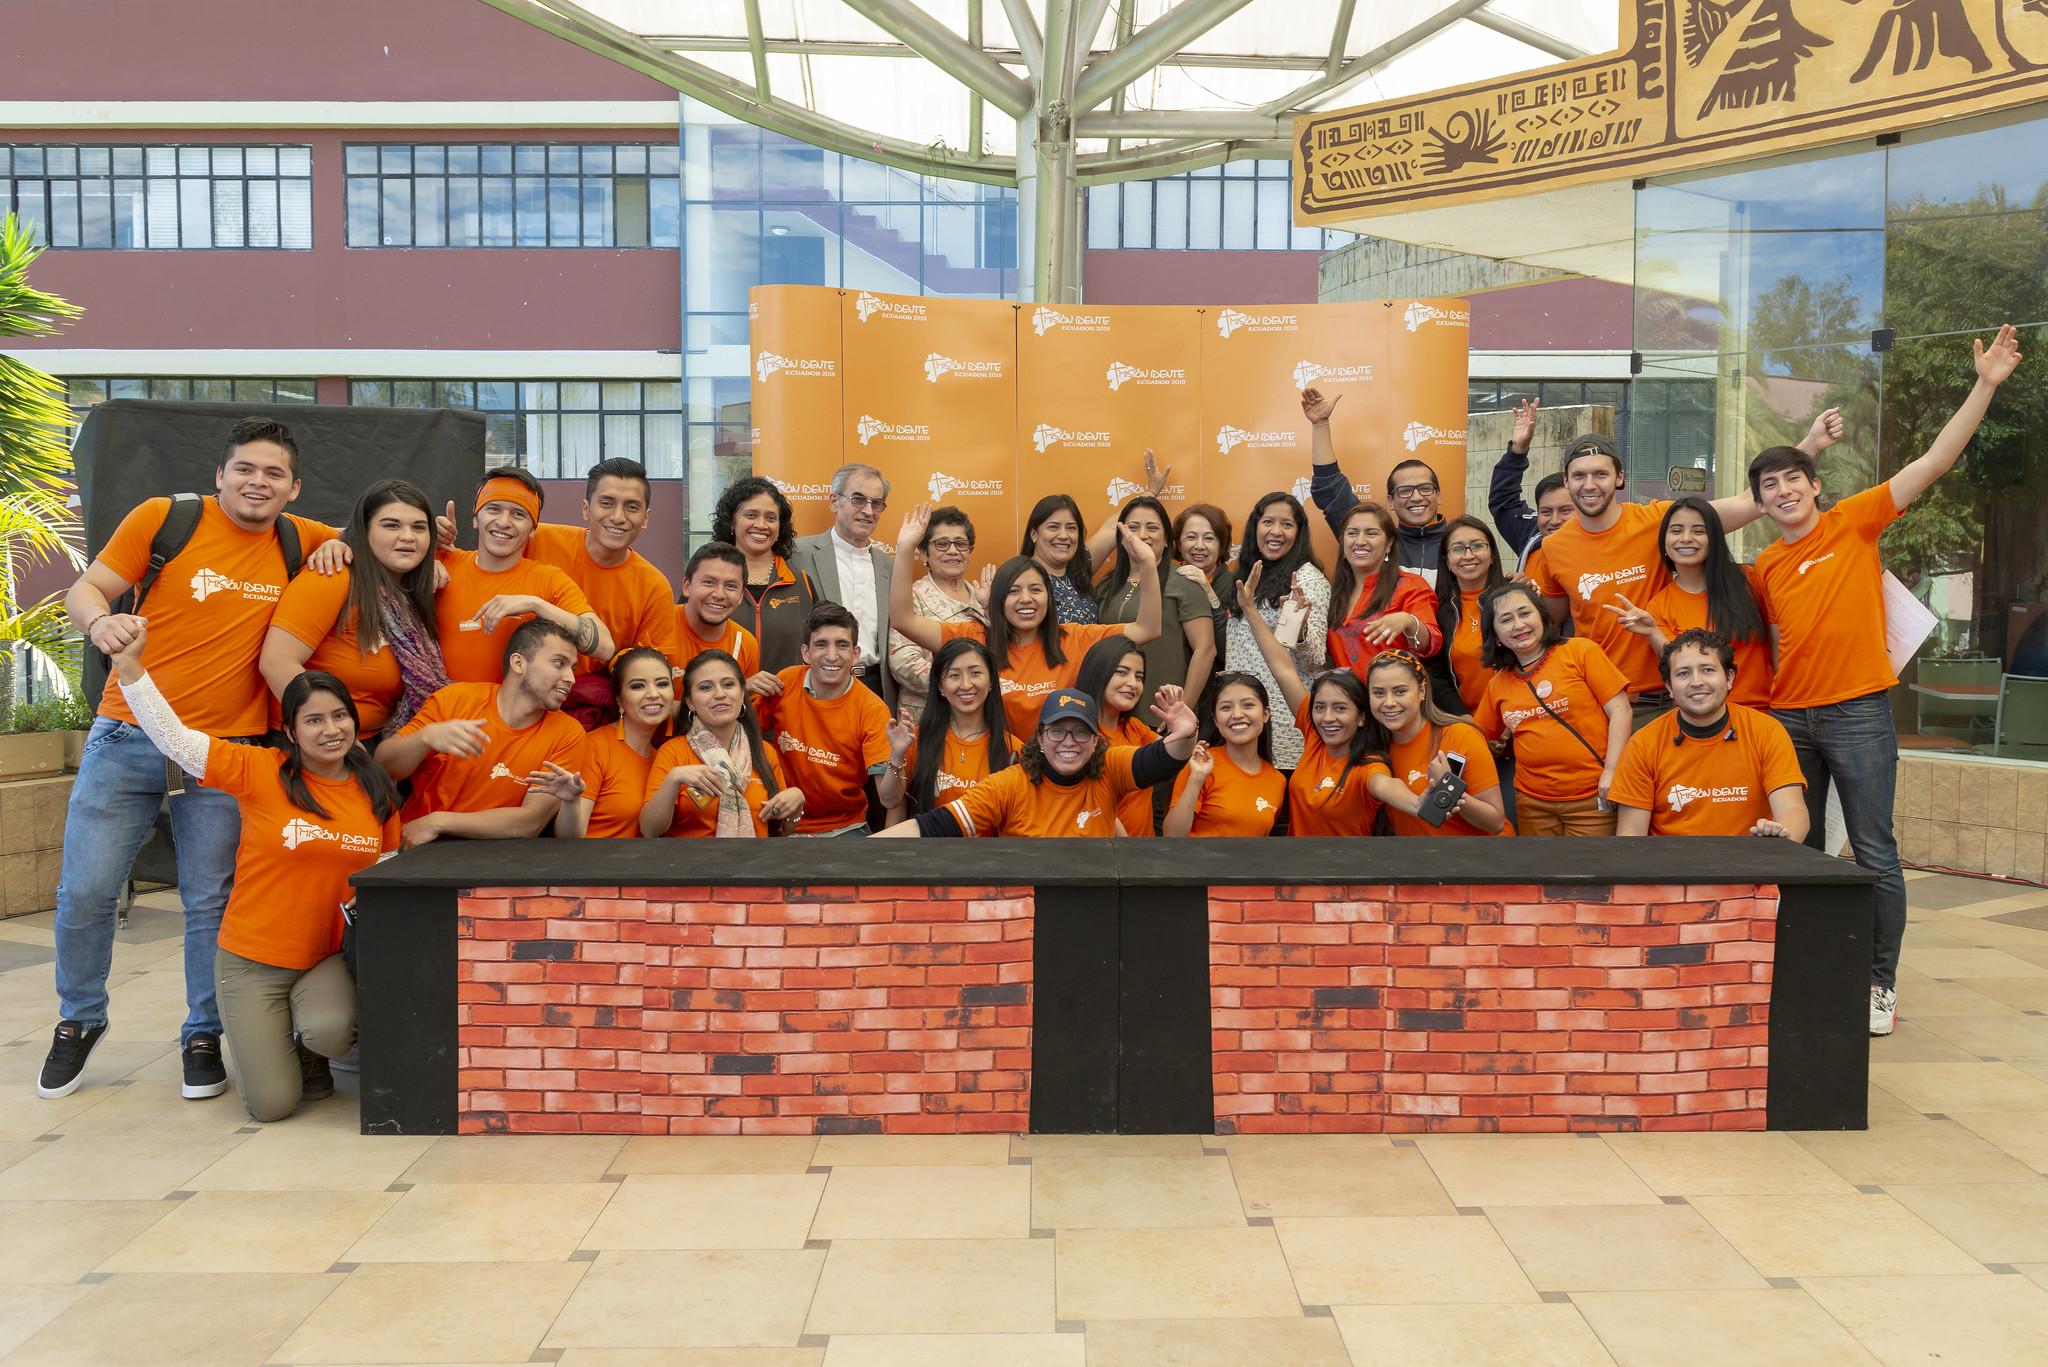 Misión Idente 2019 lanza convocatoria para voluntarios